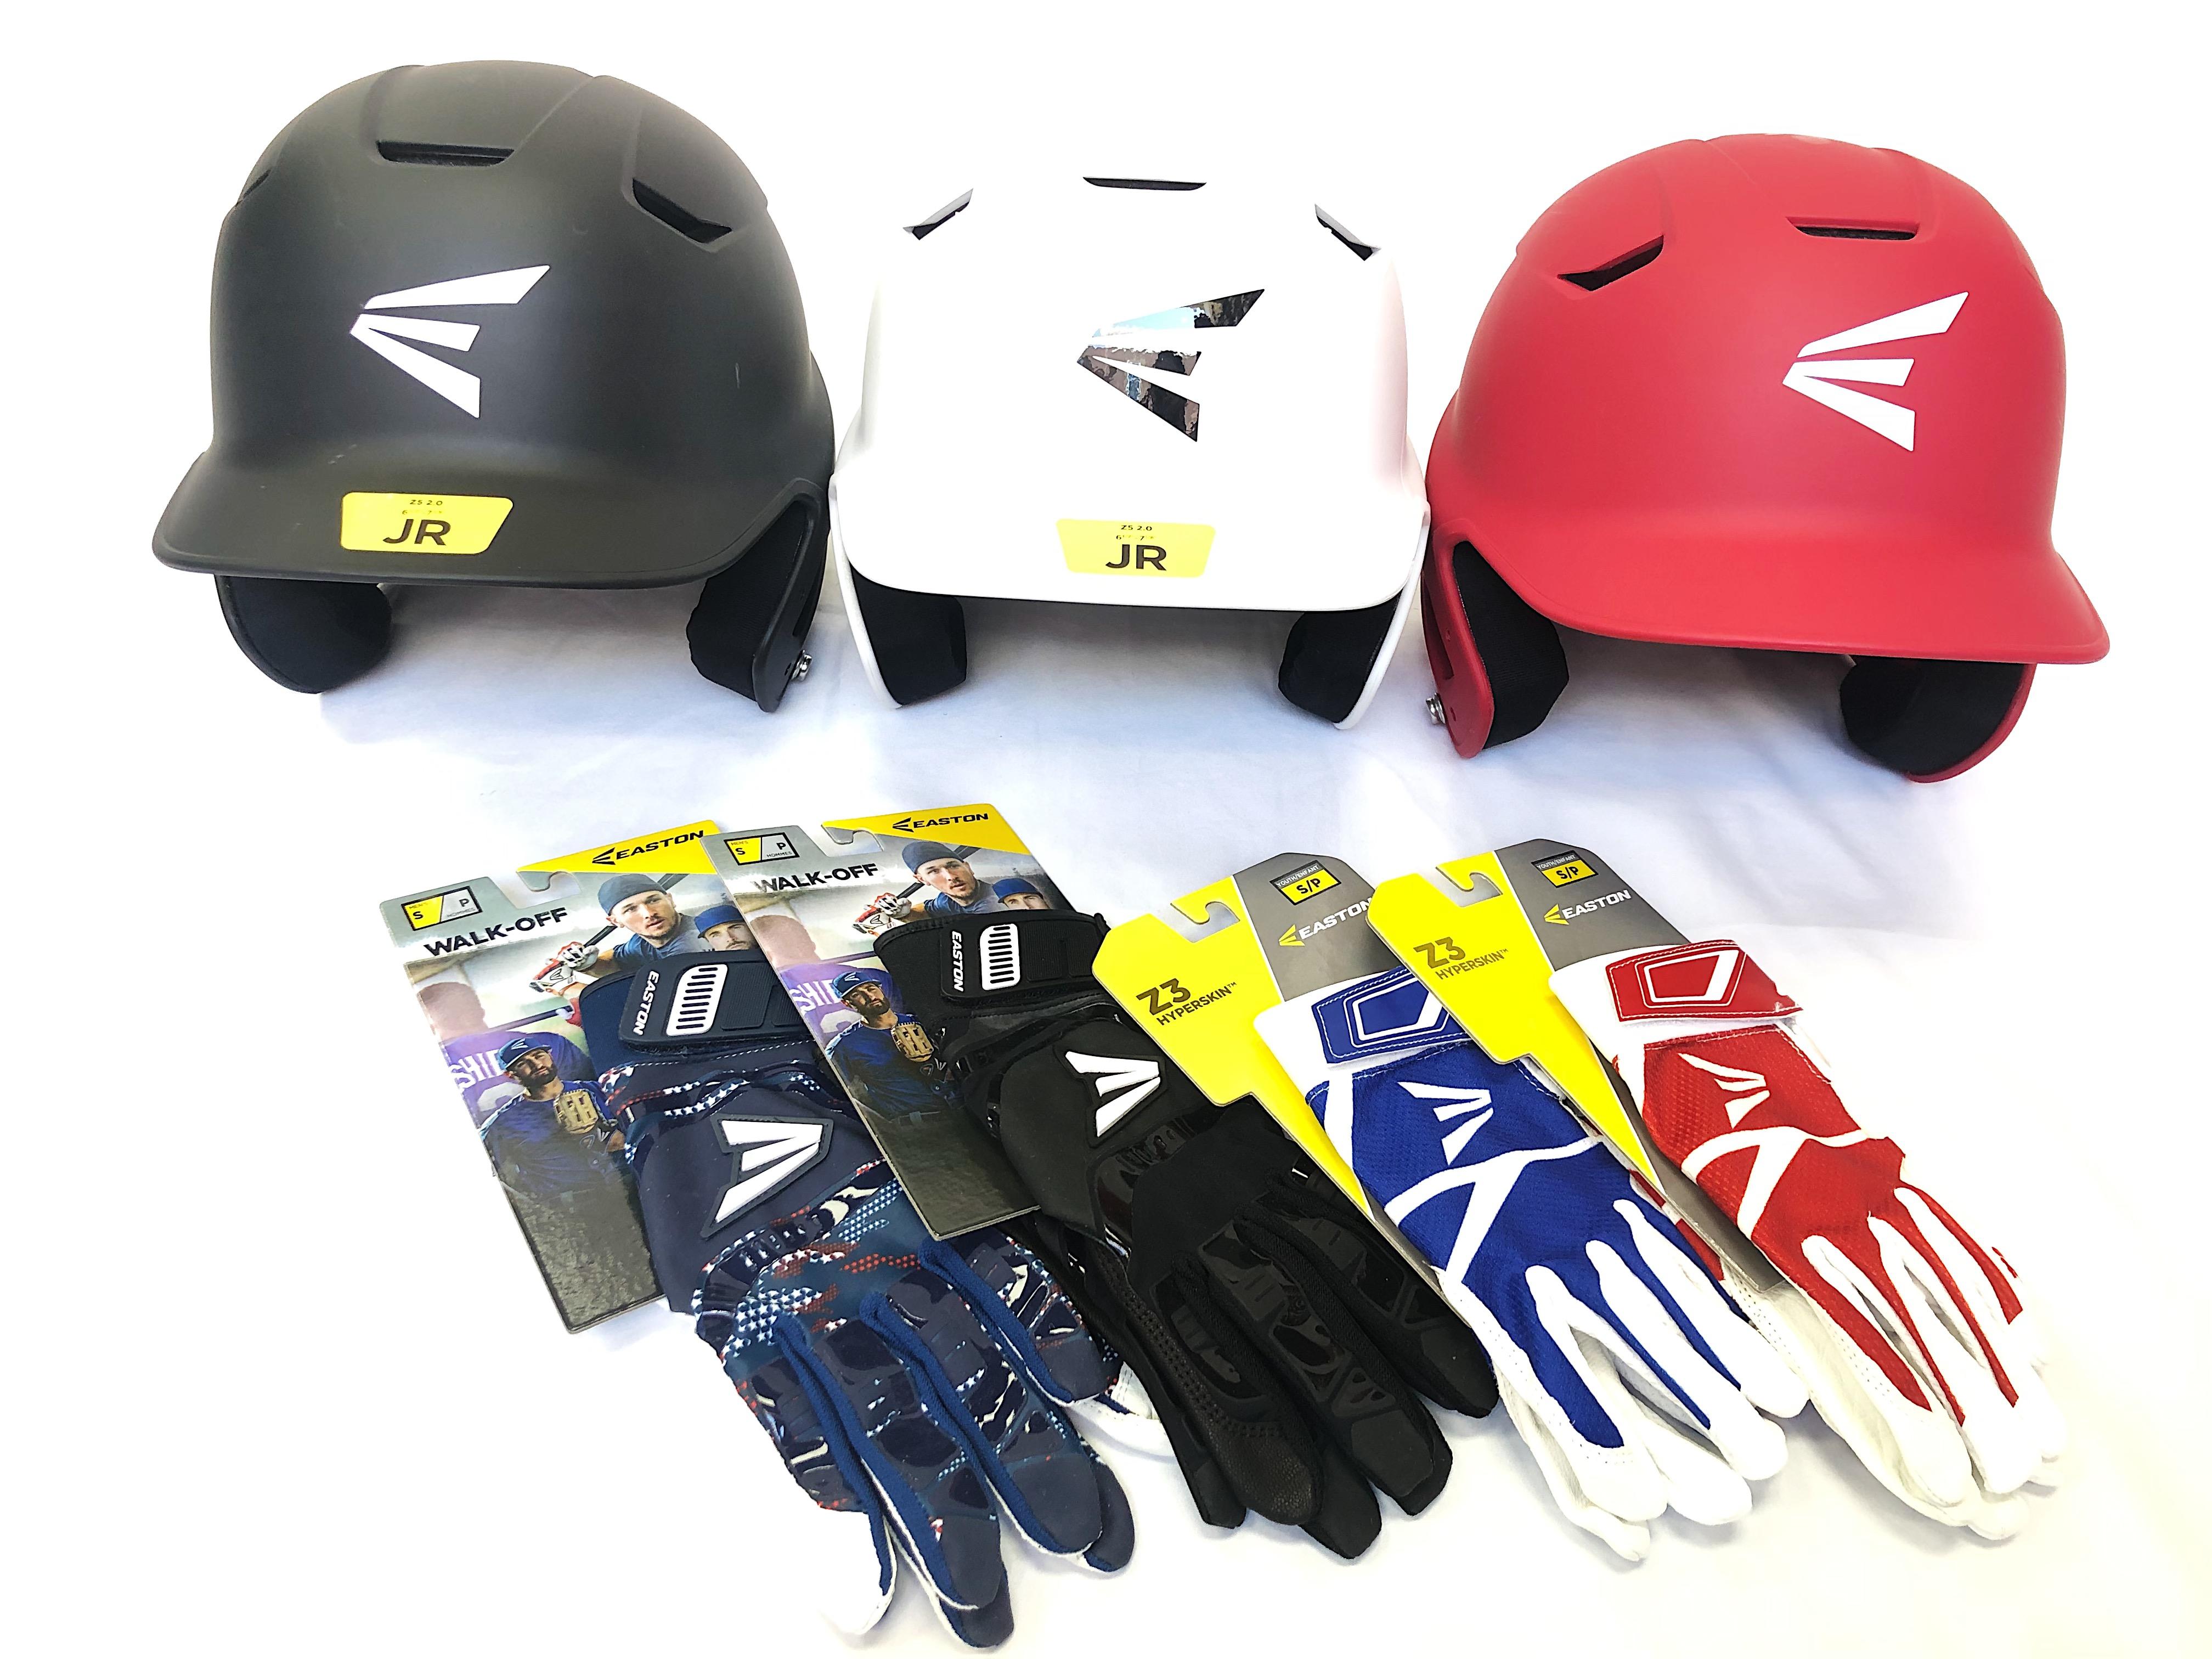 Easton Baseball Helmets & Batting Gloves